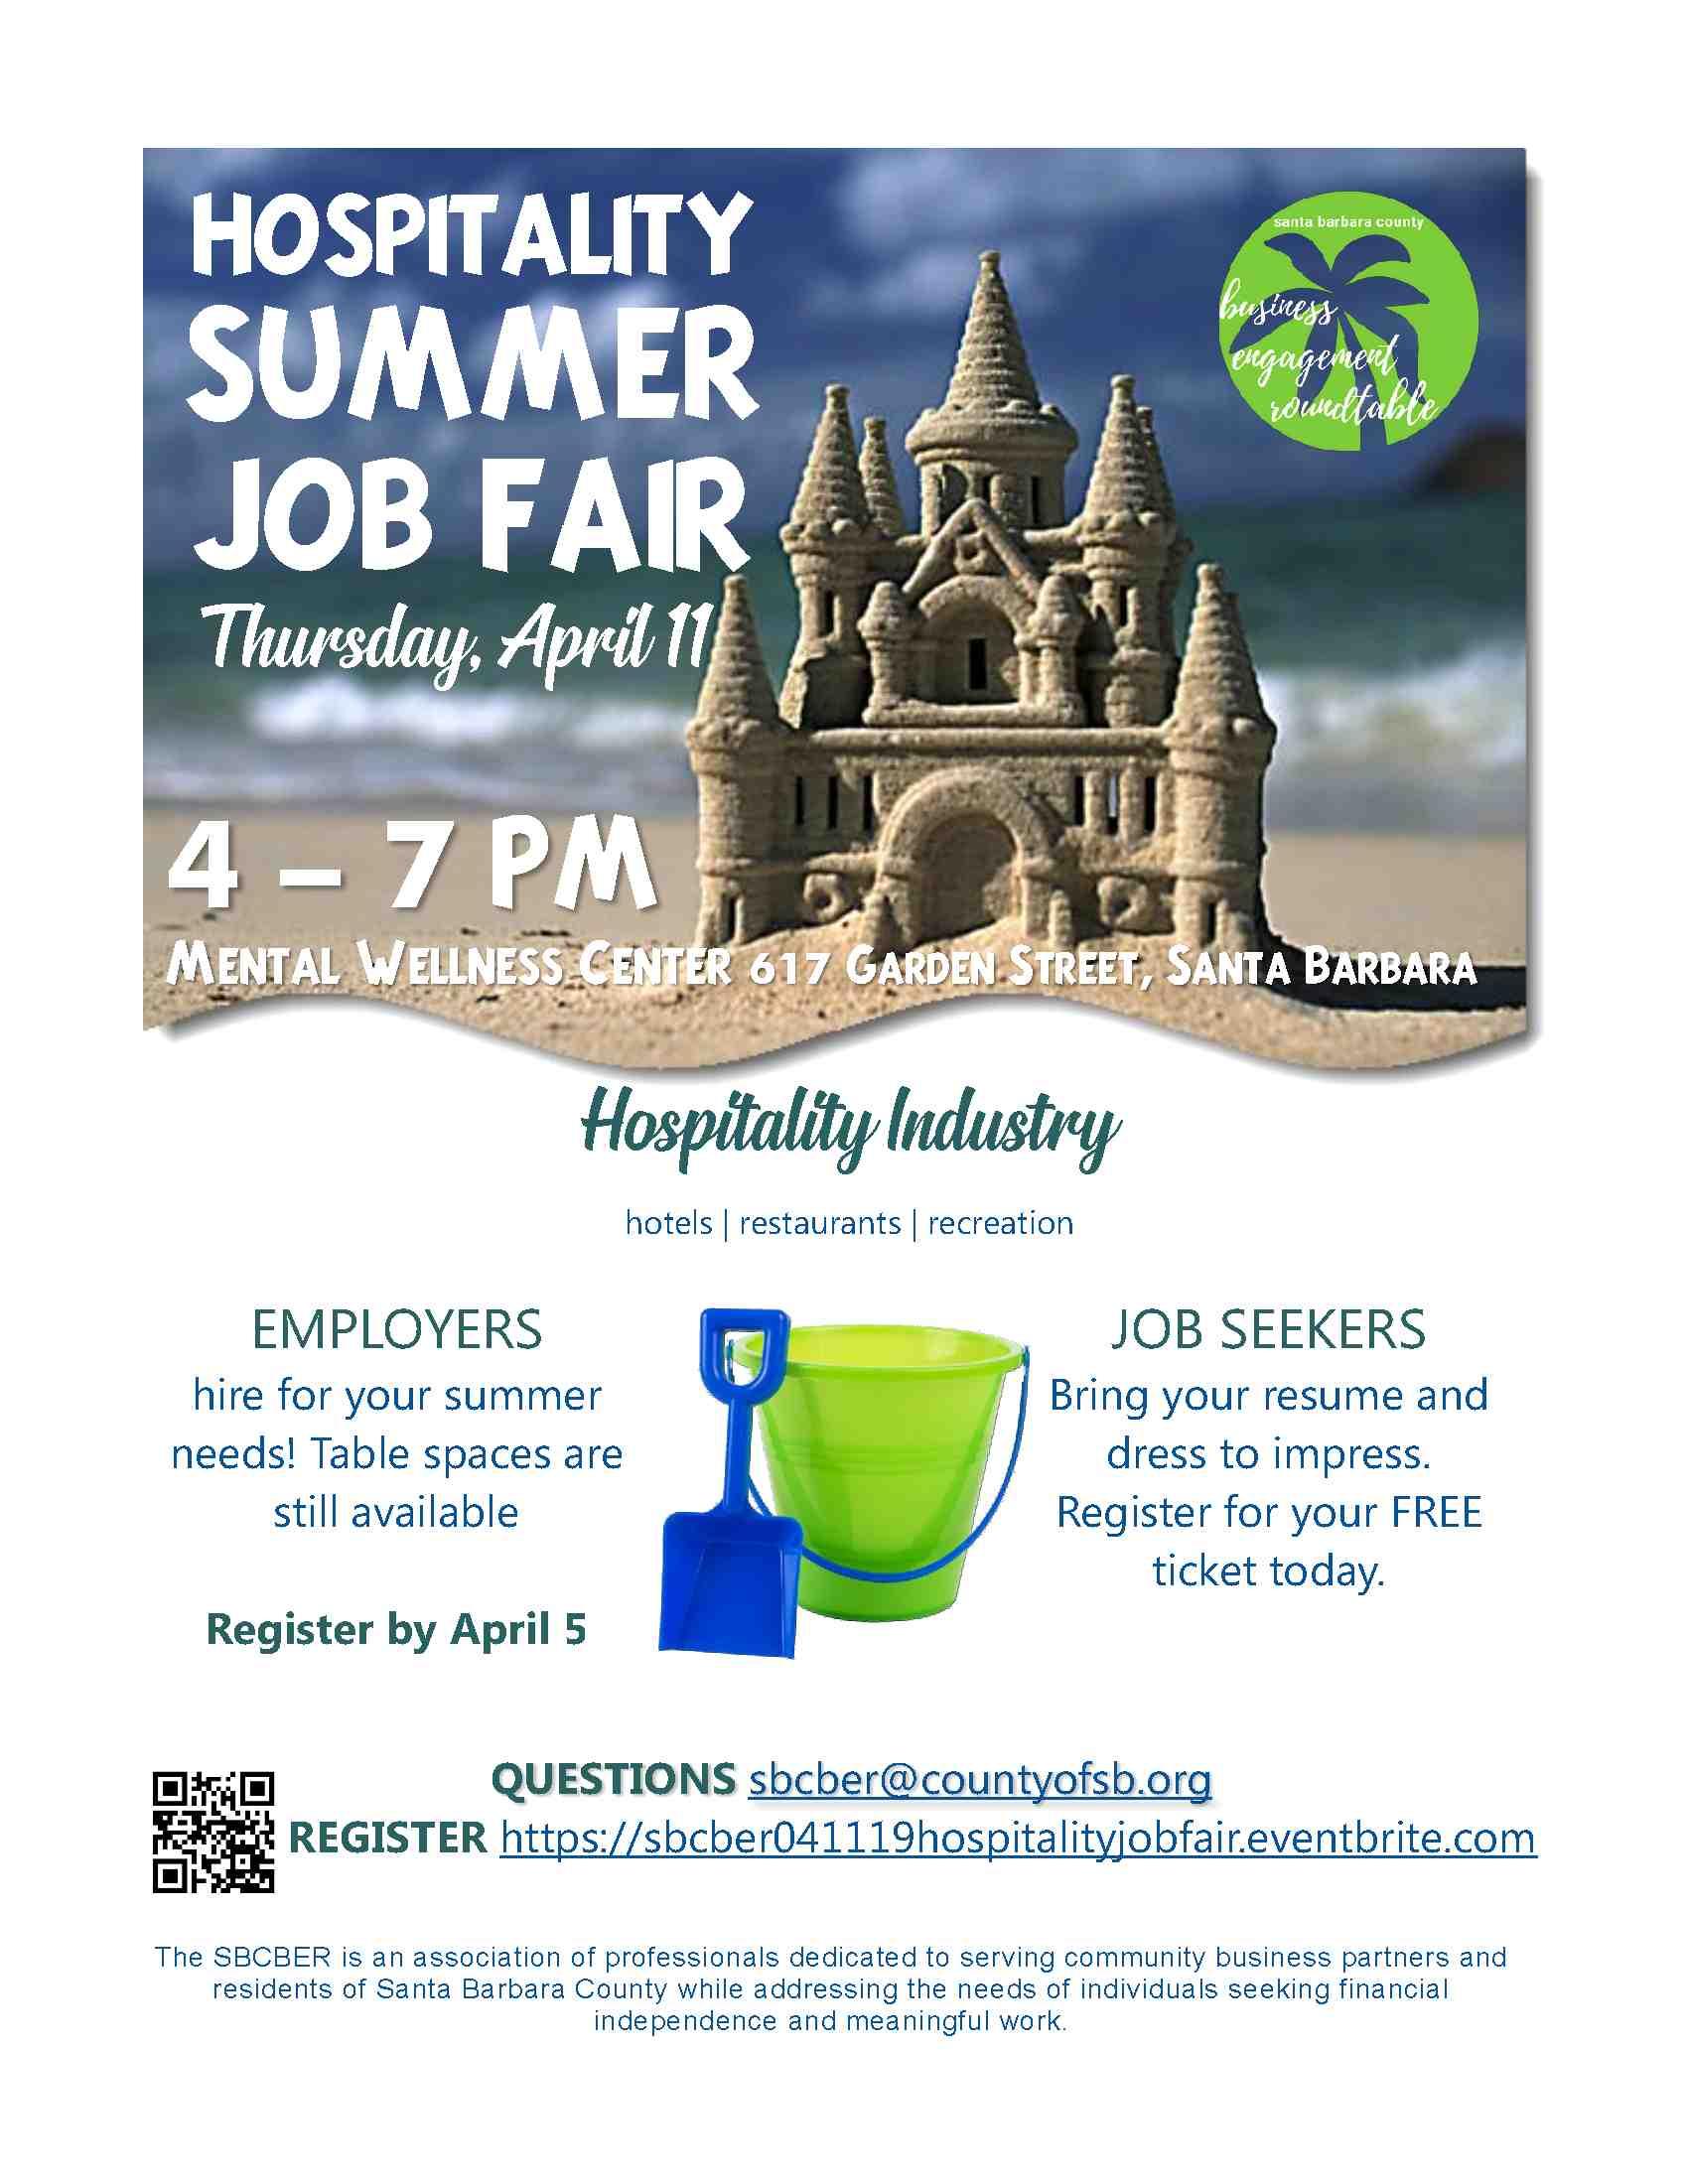 Hospitality Summer Job Fair Flyer